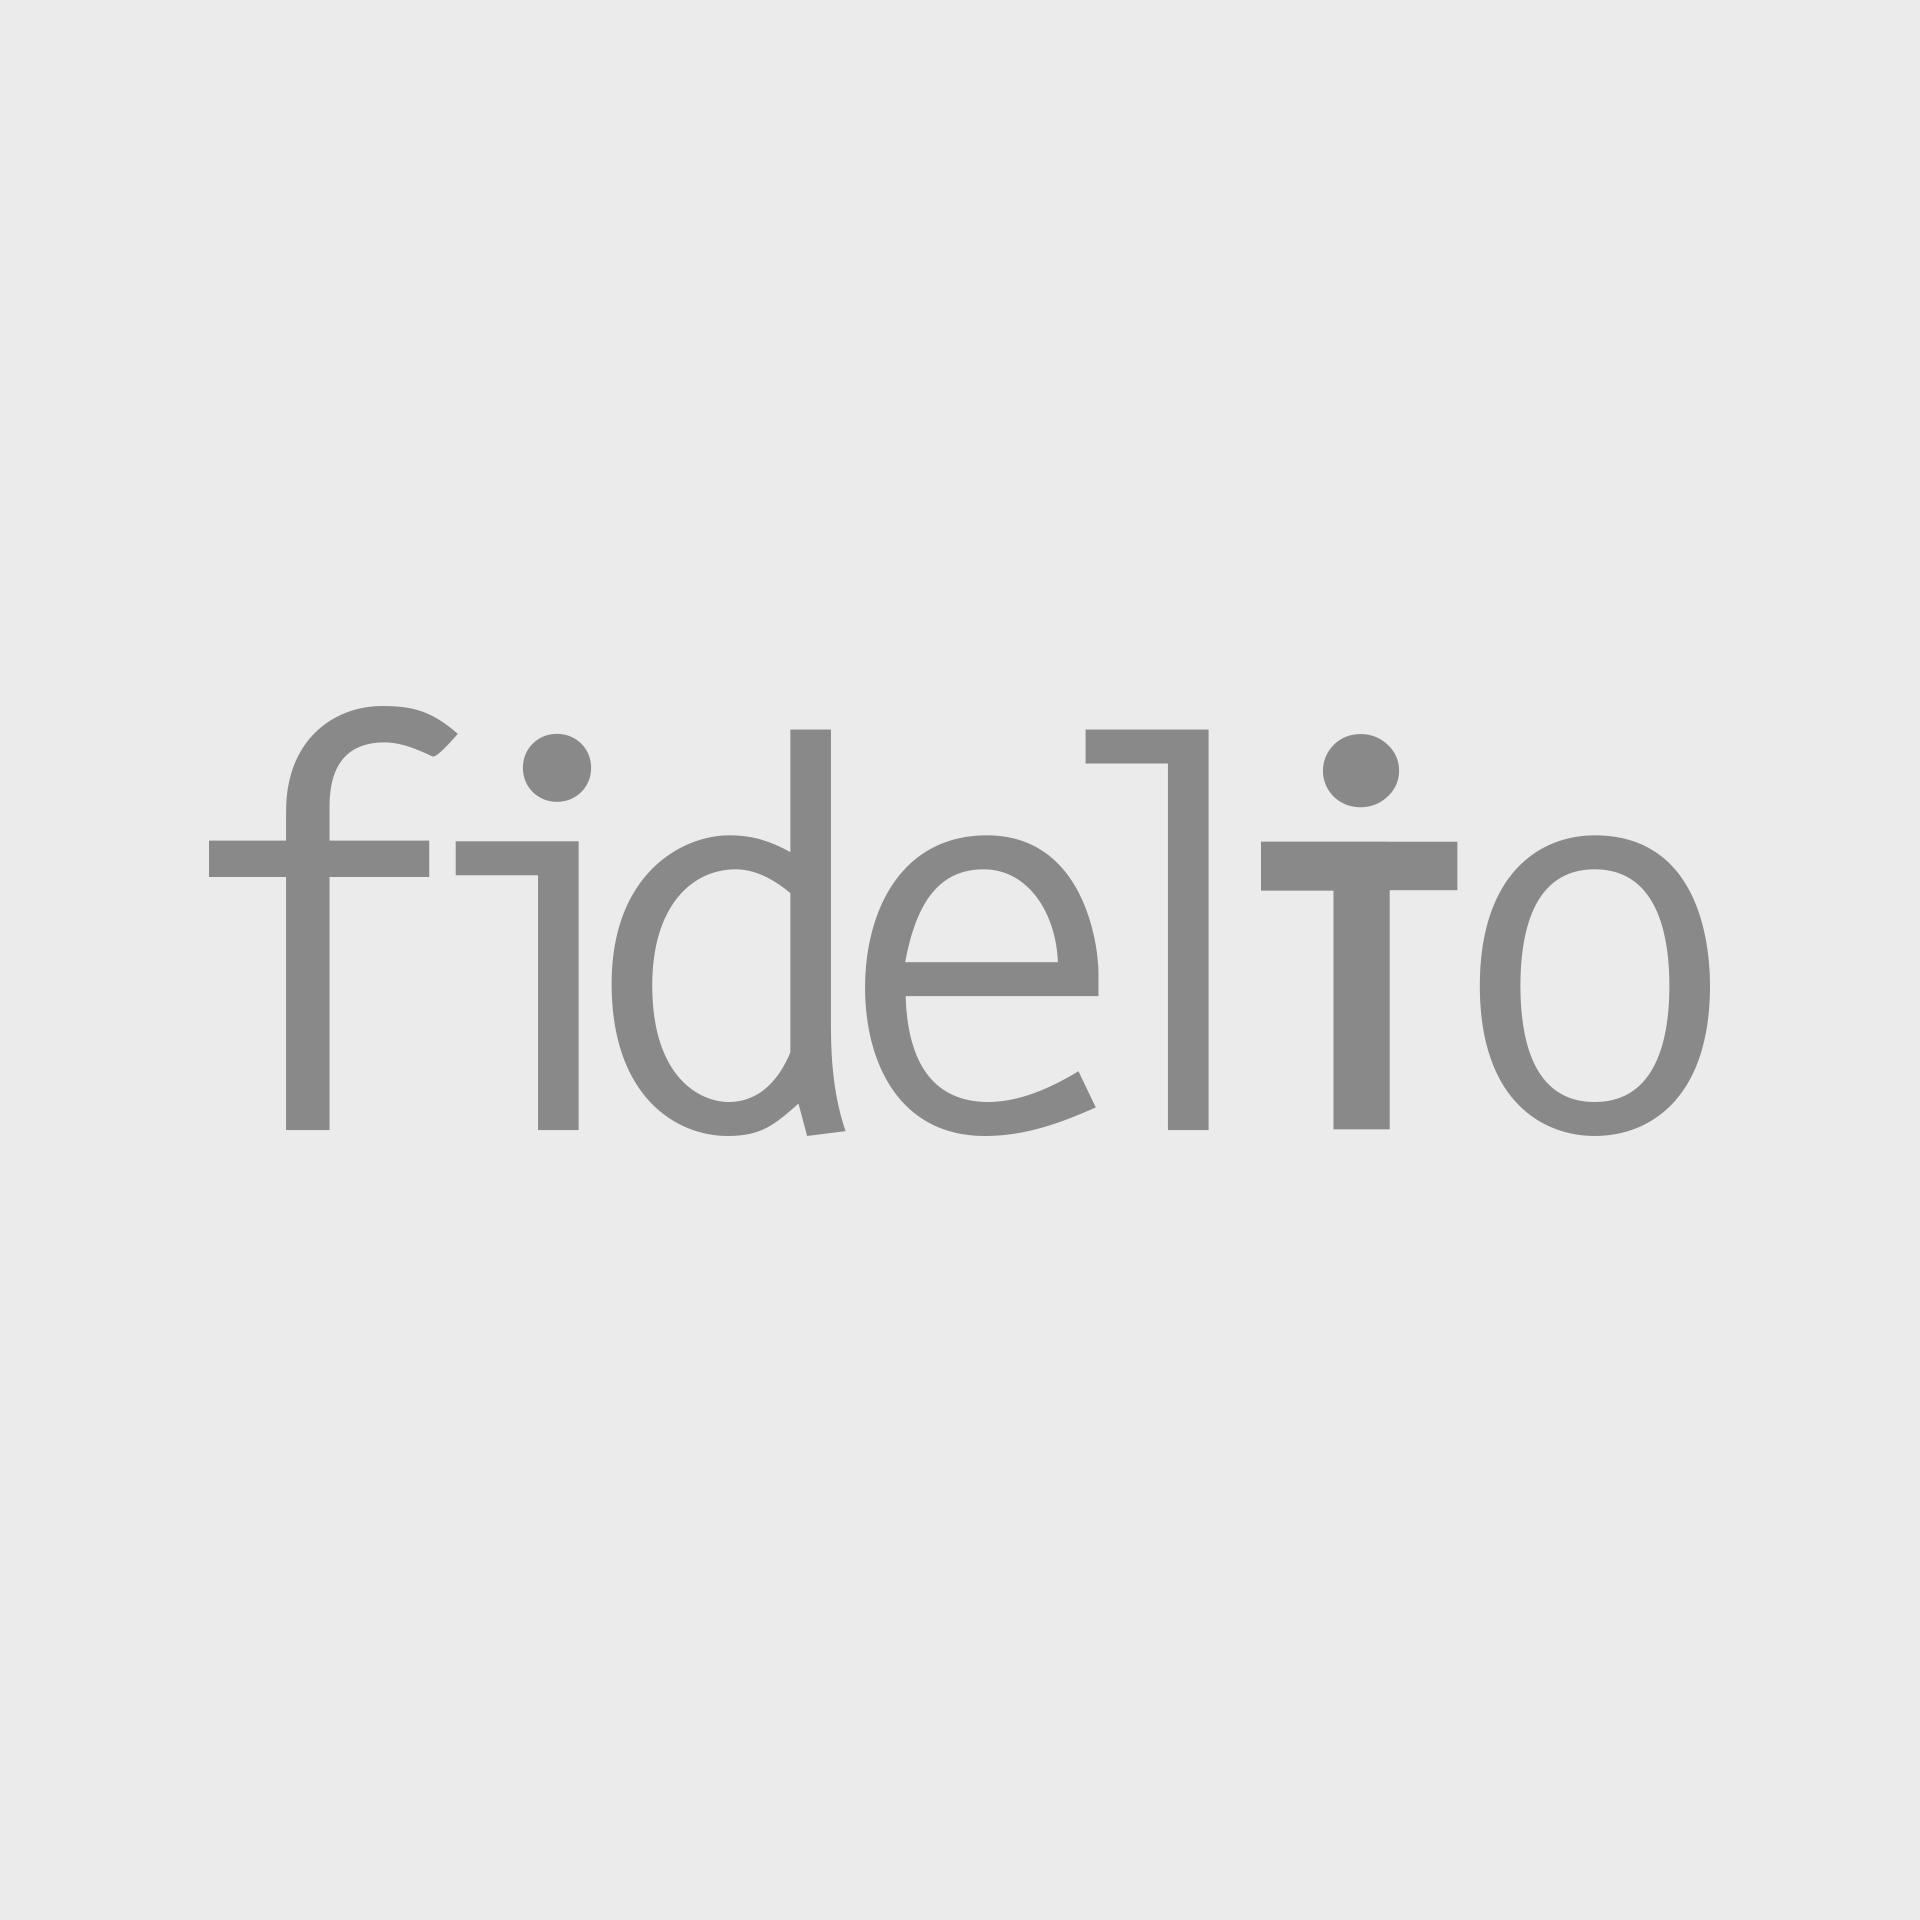 EFF925FD-E9BF-4D58-8C66-B6B57BB2F700